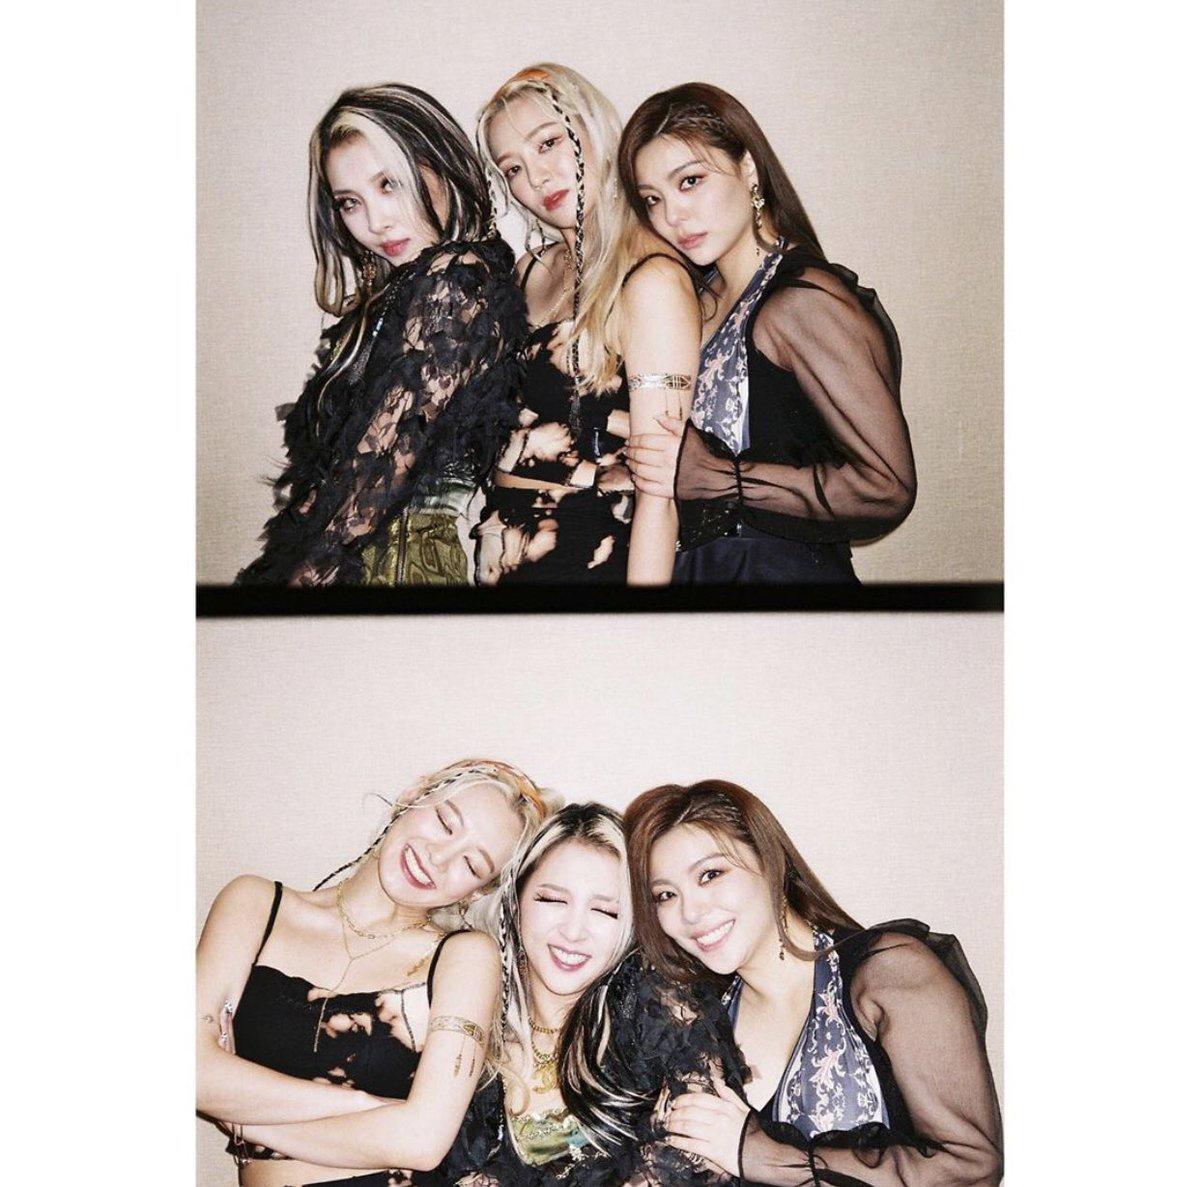 [_zziwooo0] 200626 IG update with Ailee and Hyoyeon …_1